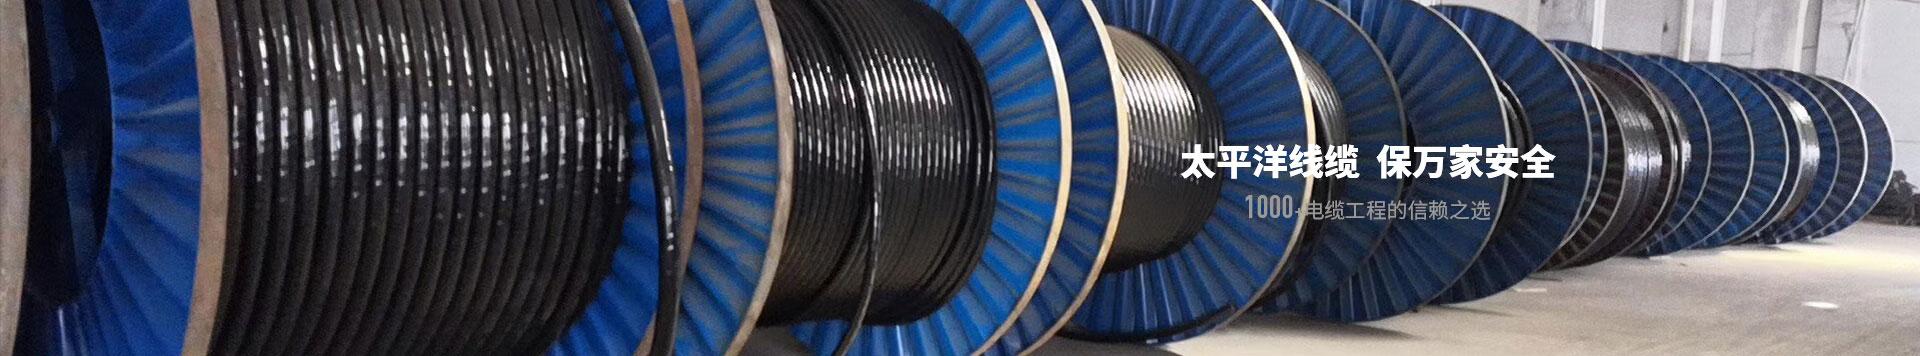 太平洋线缆全国案例